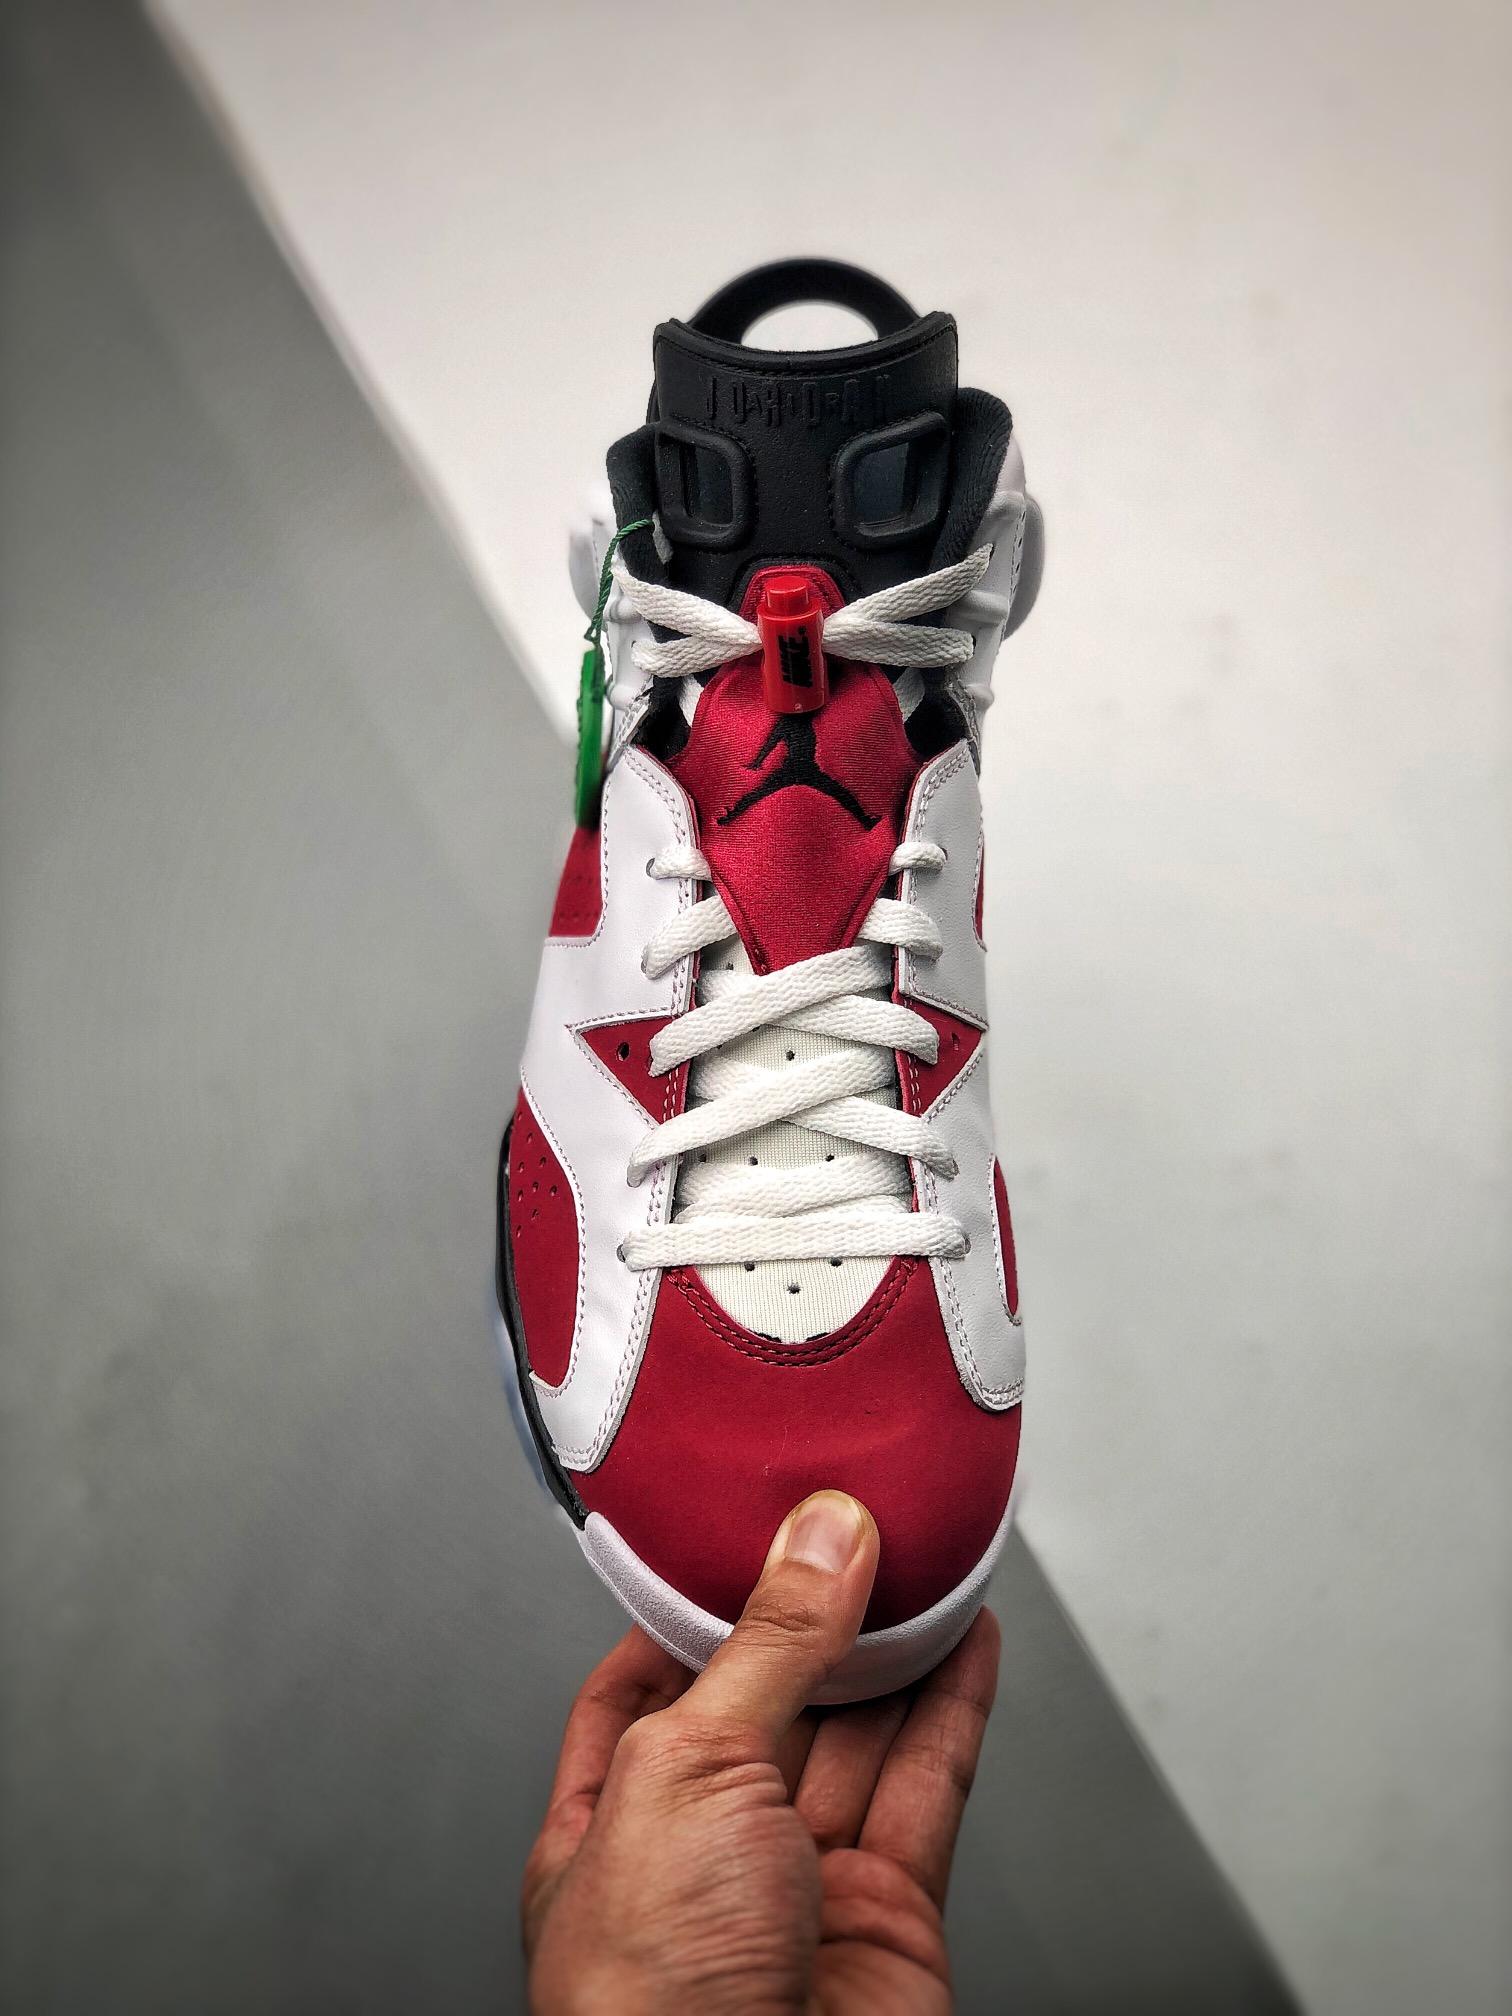 """Air Jordan 6 Retro """"Carmine""""胭脂 CT8529-106_s2纯原哪里能买到"""